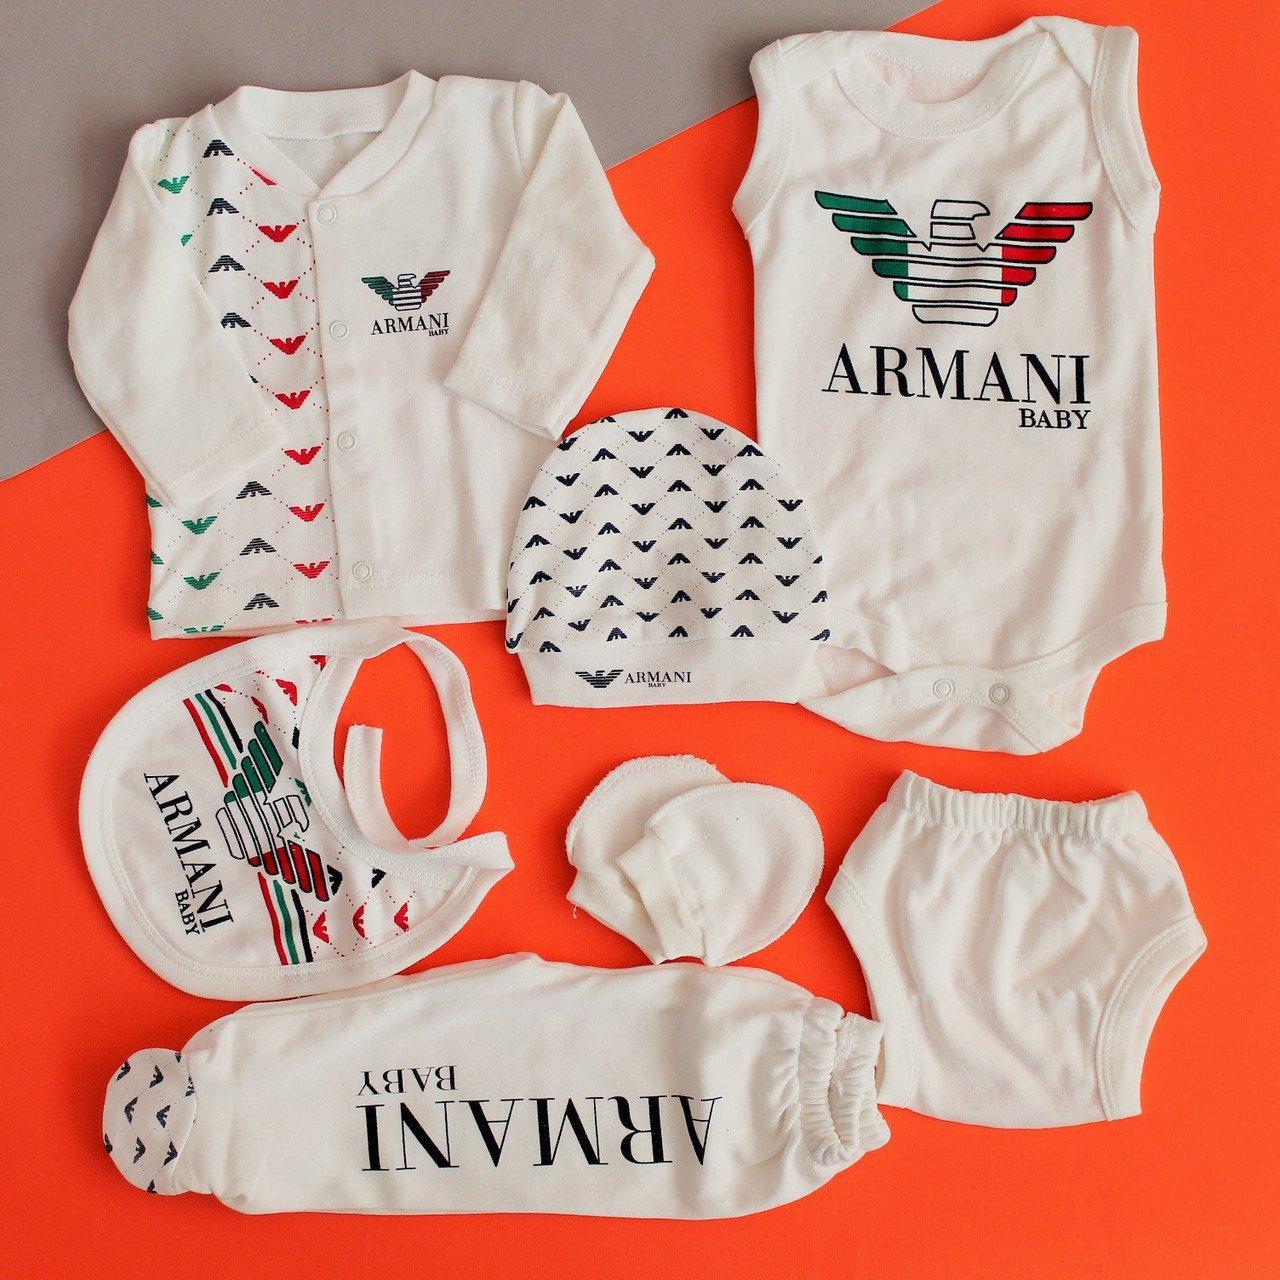 26497-7 Одежда на выписку ARMANI для новорожденного 7 предметов